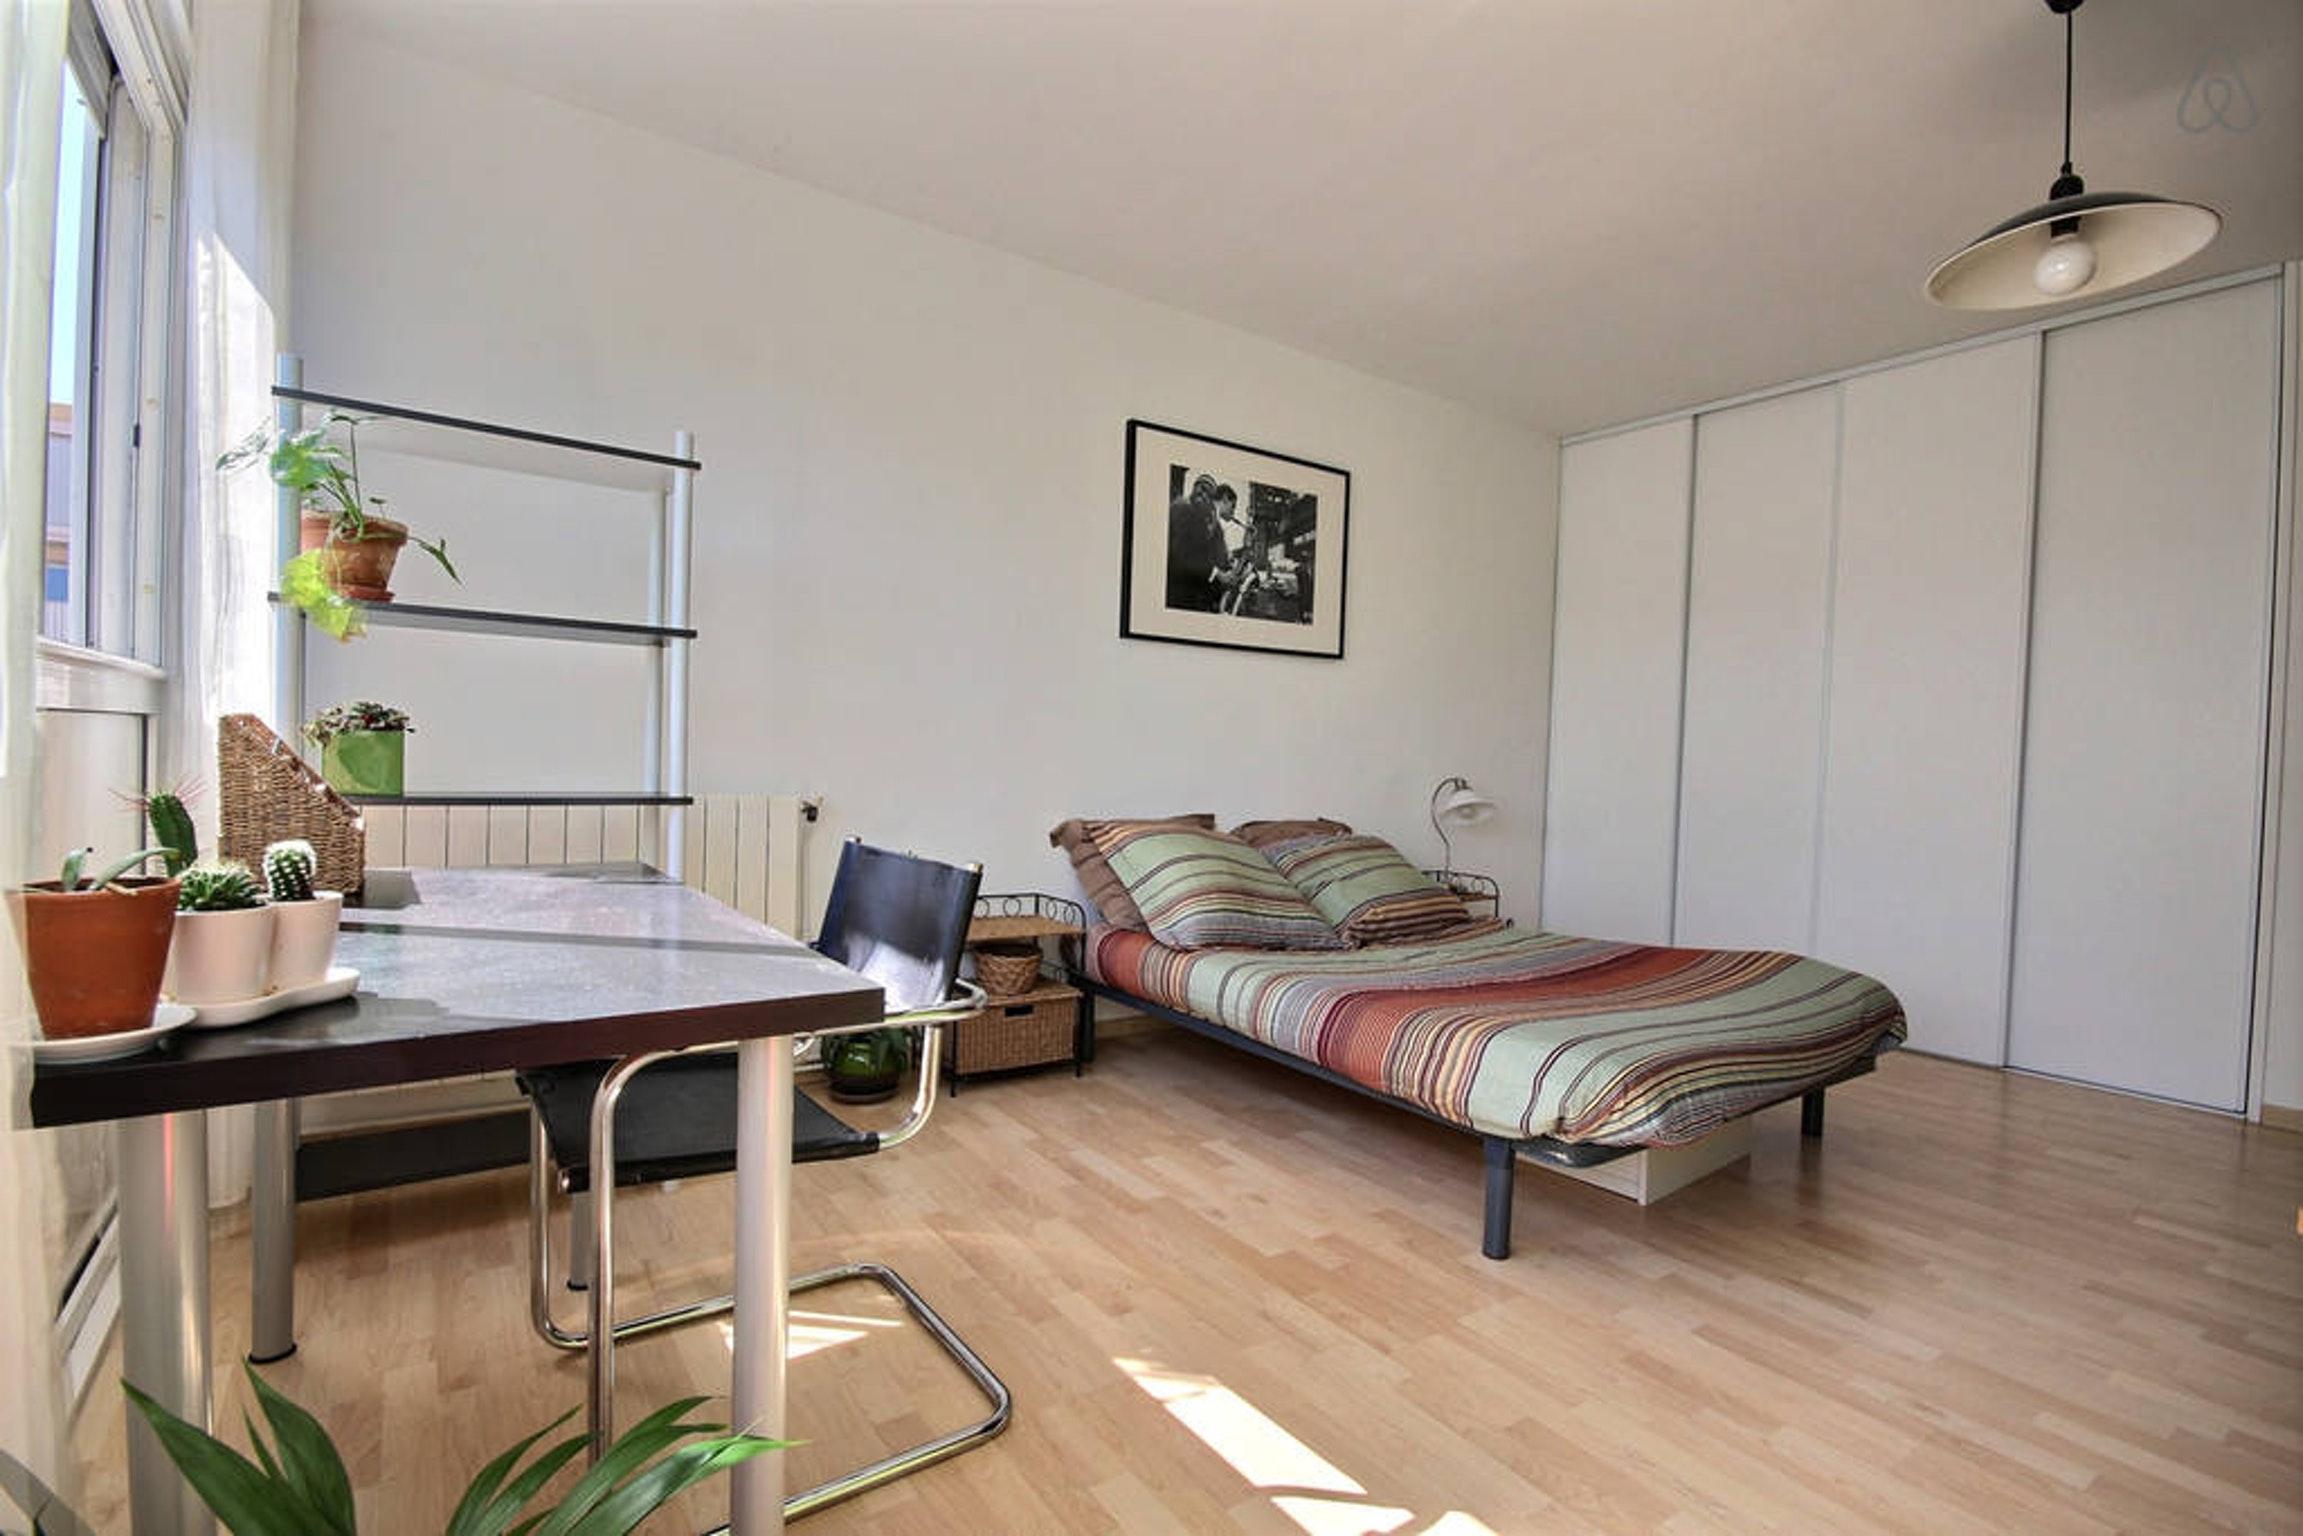 Ferienwohnung Wohnung mit 2 Zimmern in Montpellier mit möblierter Terrasse und W-LAN - 15 km vom Strand  (2351209), Montpellier, Mittelmeerküste Hérault, Languedoc-Roussillon, Frankreich, Bild 7